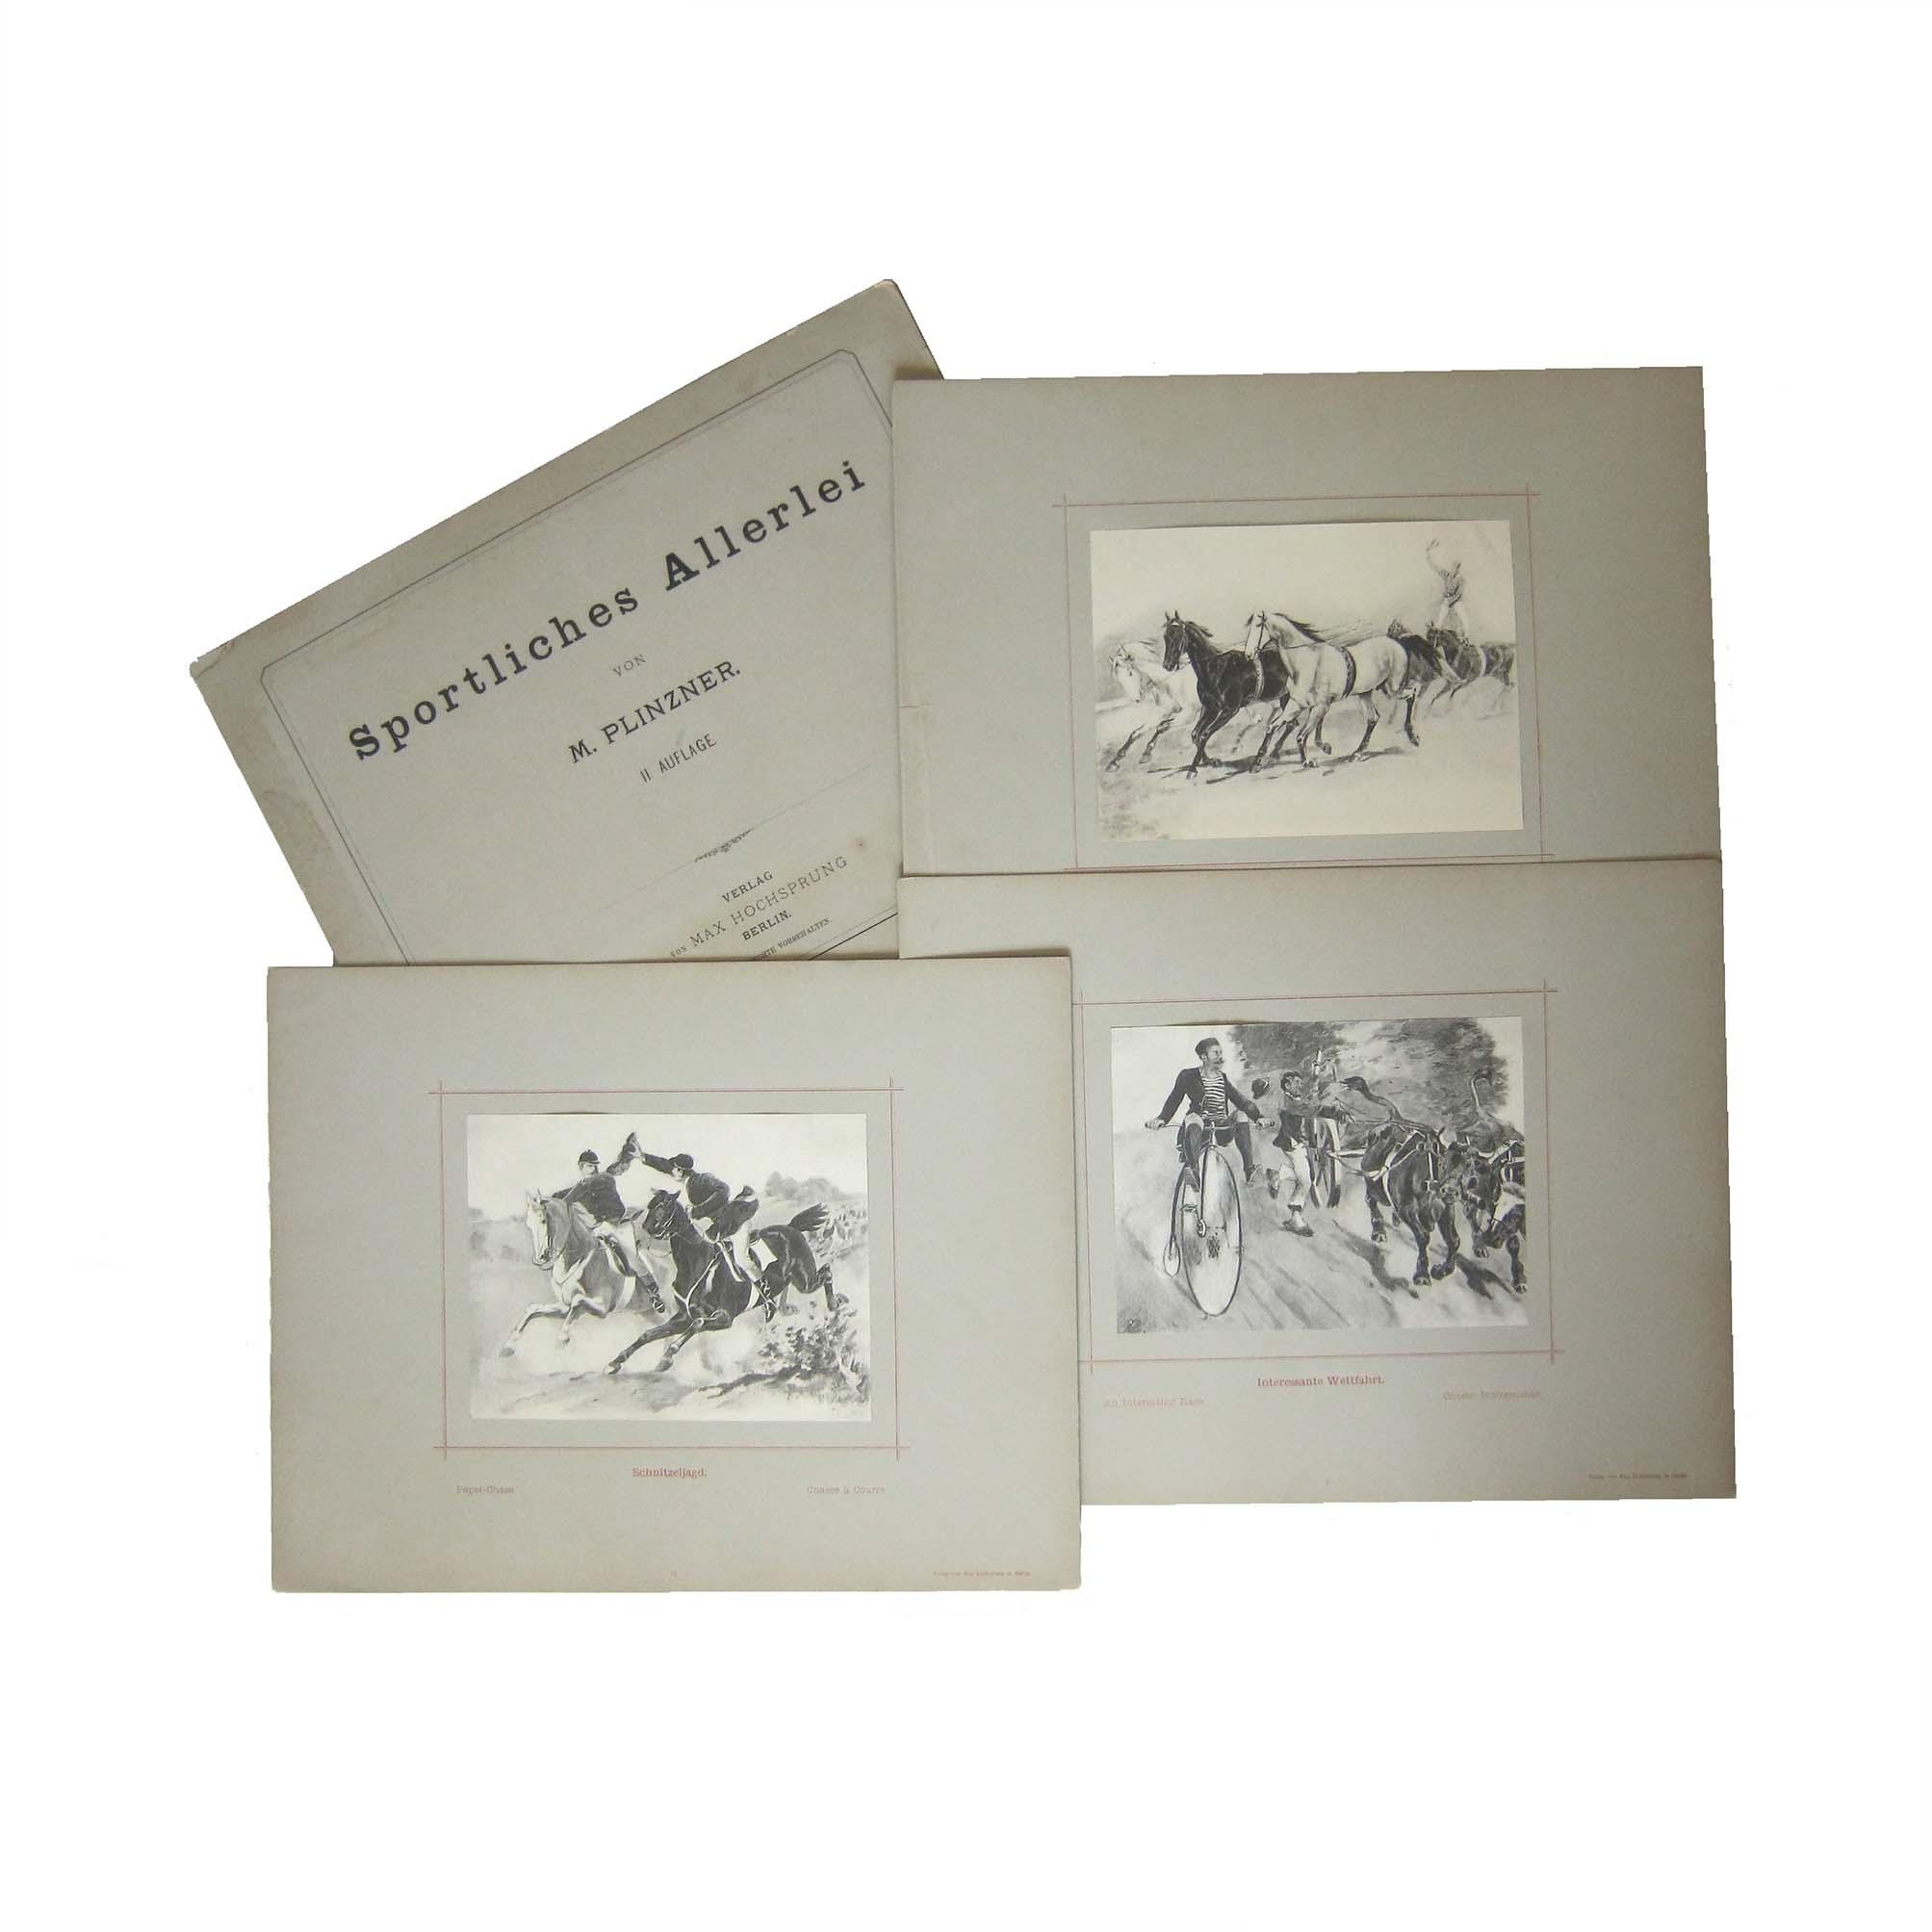 5527-Plinzner-Sport-Pferd-1891-Titel-Tafeln-frei-N.jpg